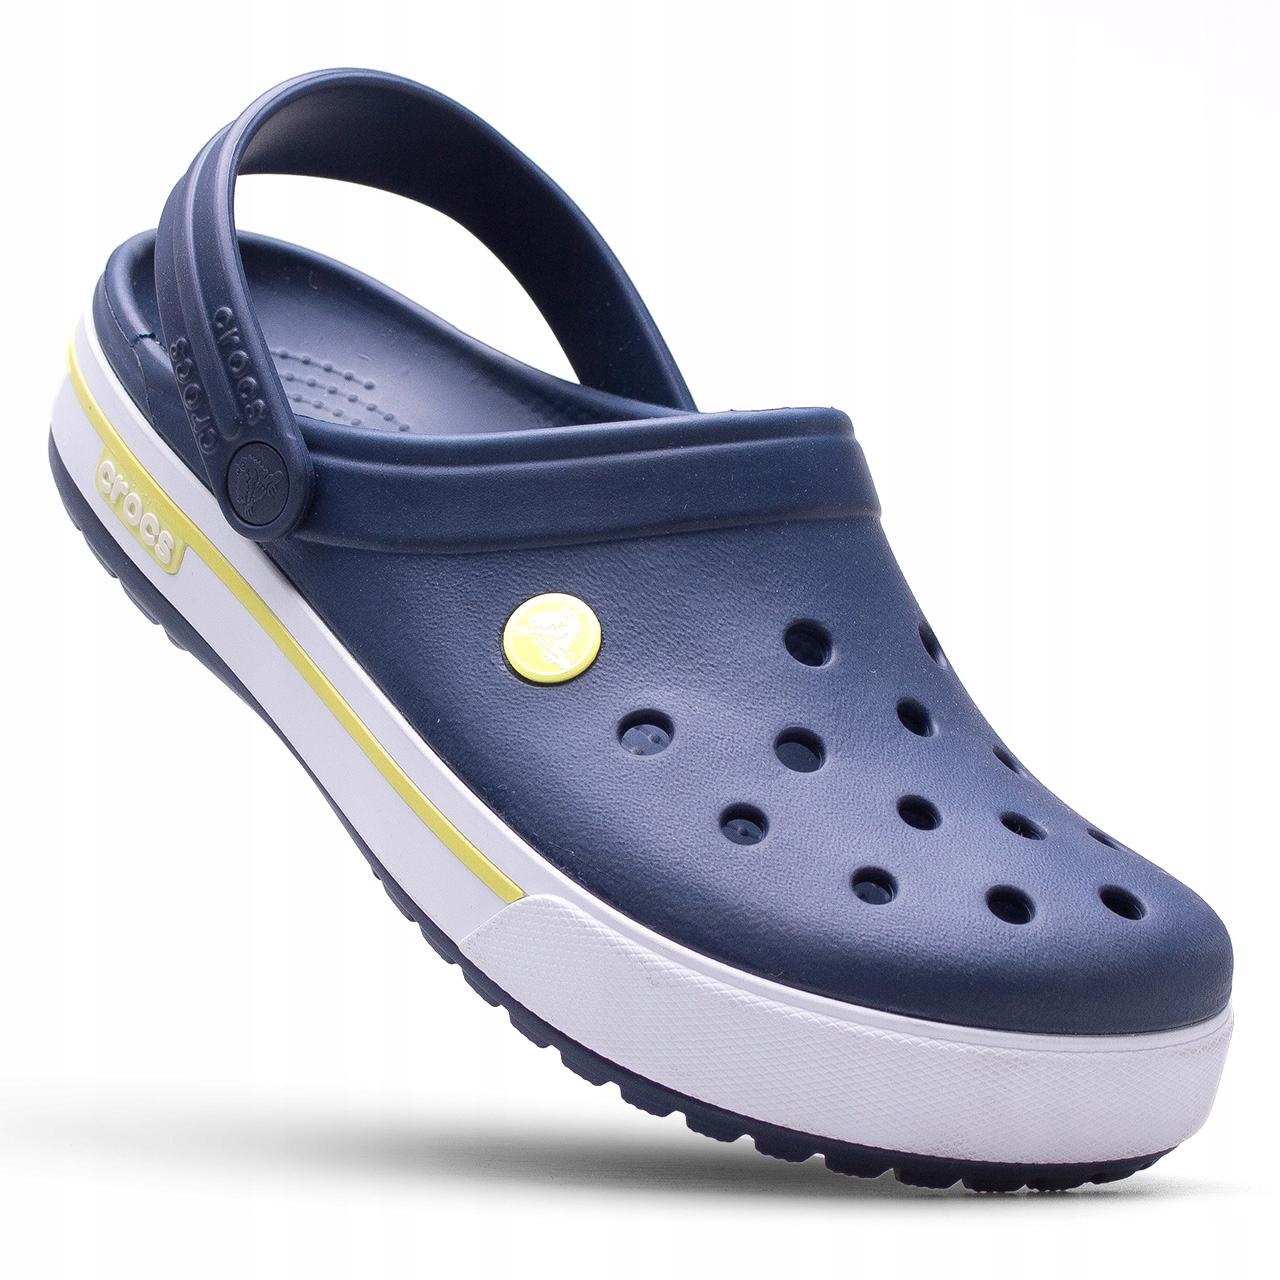 Klapki Chodaki Sandały Crocs 12836-42K M7/W9